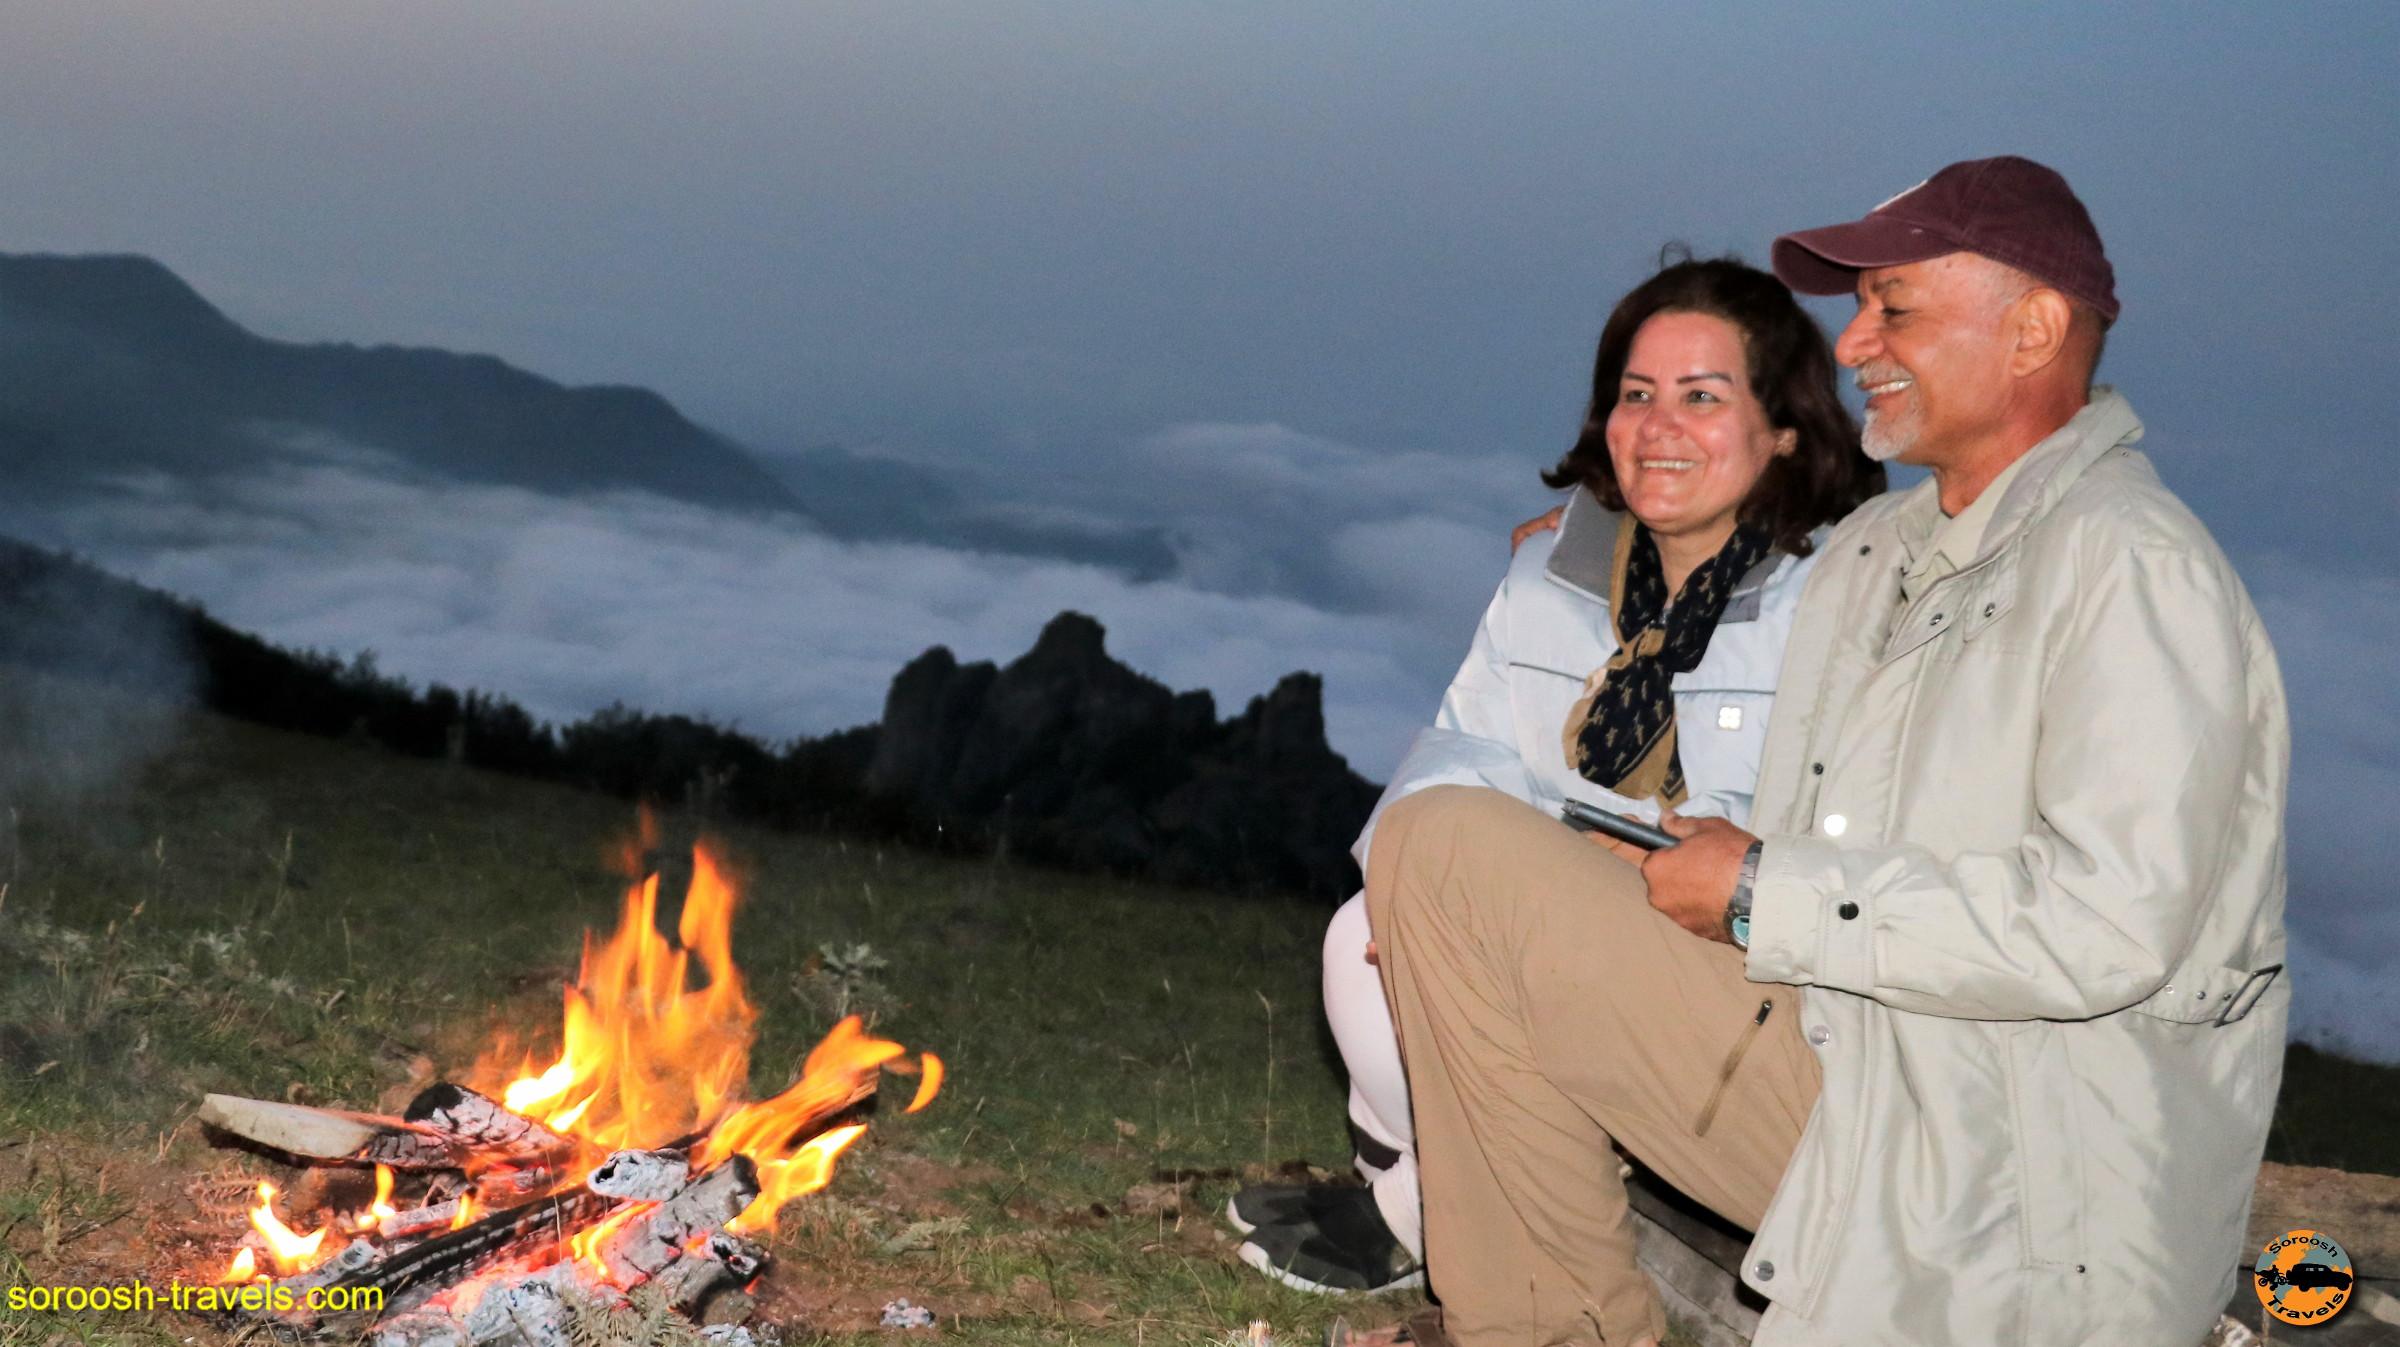 زیباترین نقاط آذربایجان - تابستان ۱۳۹۶